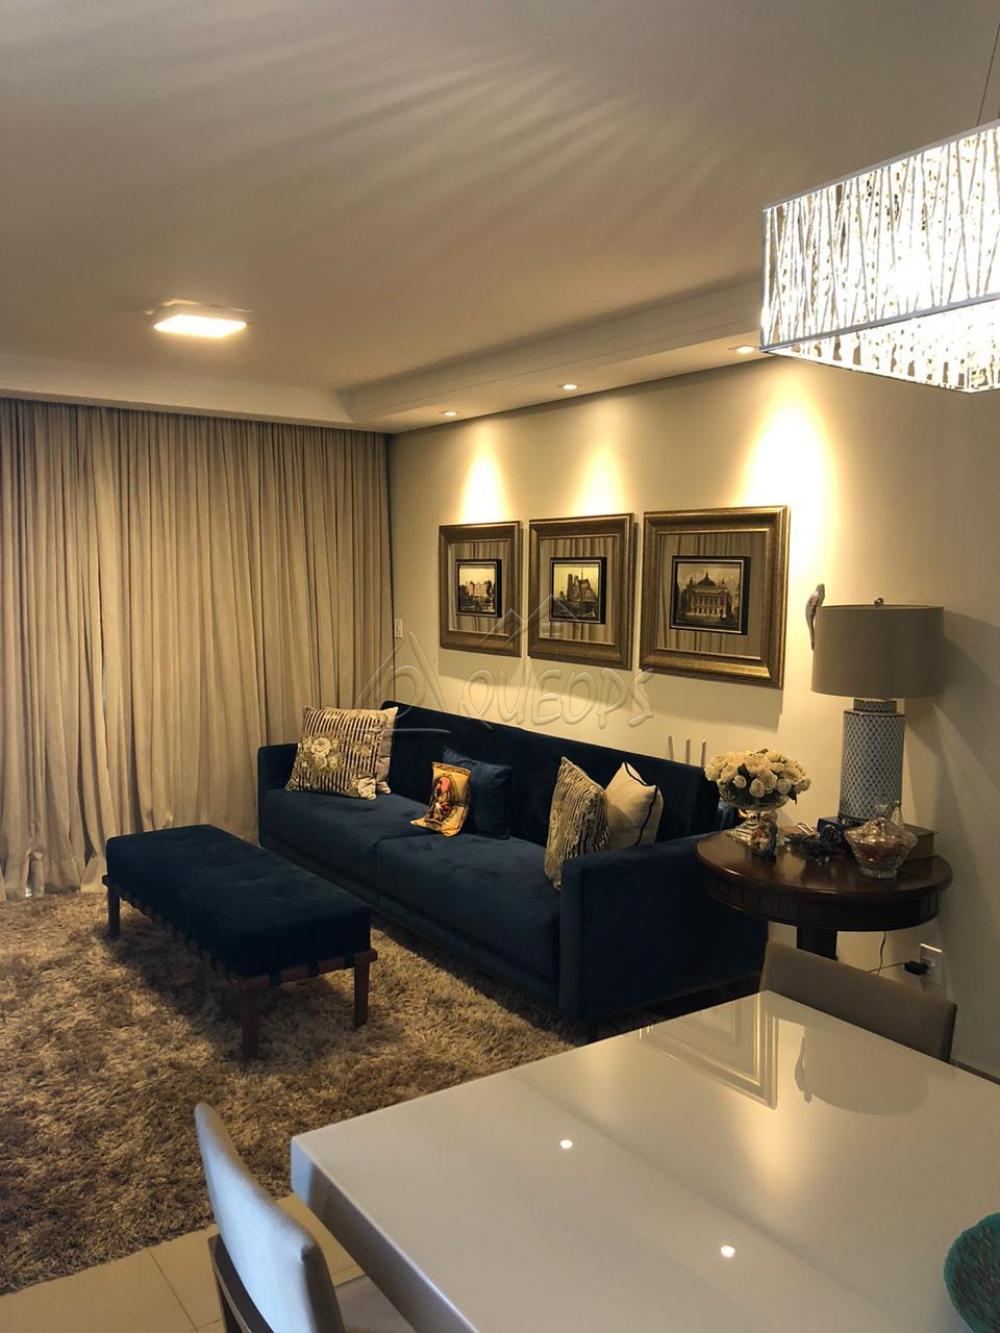 Comprar Apartamento / Padrão em Barretos apenas R$ 700.000,00 - Foto 12